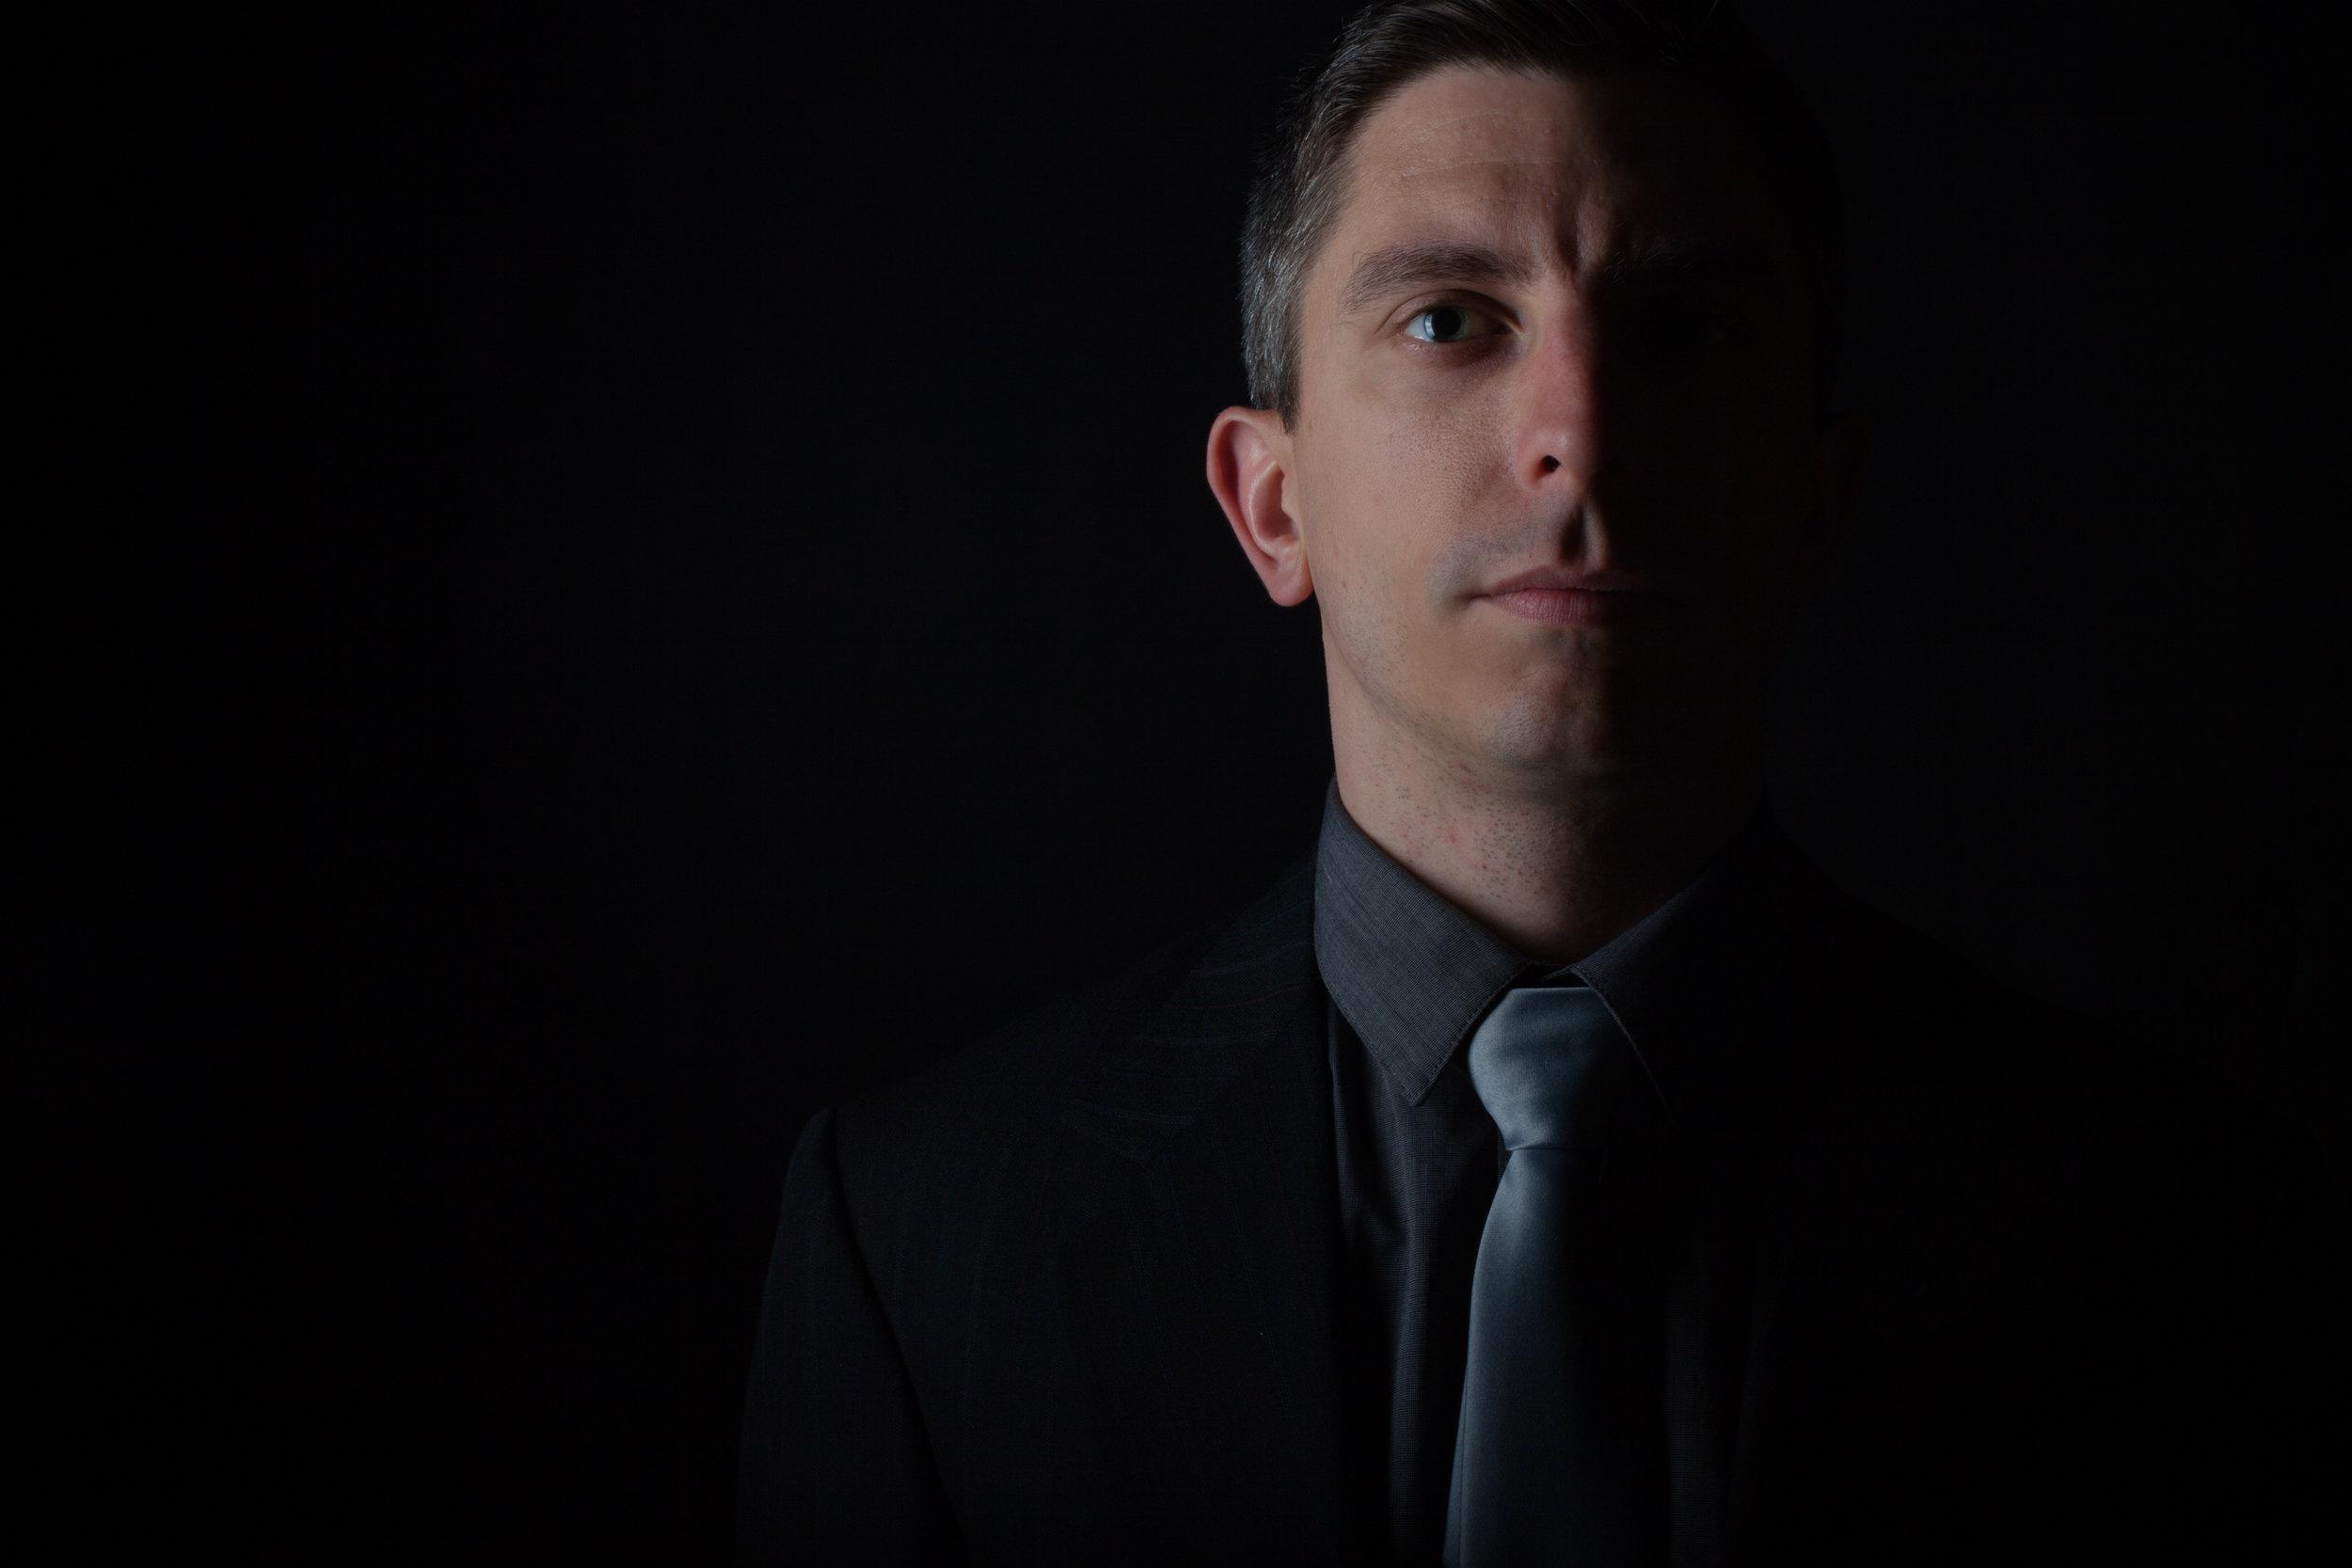 Kevin-J-Cope-Composer-Black-Background-credit-Brian-Mengini.jpg